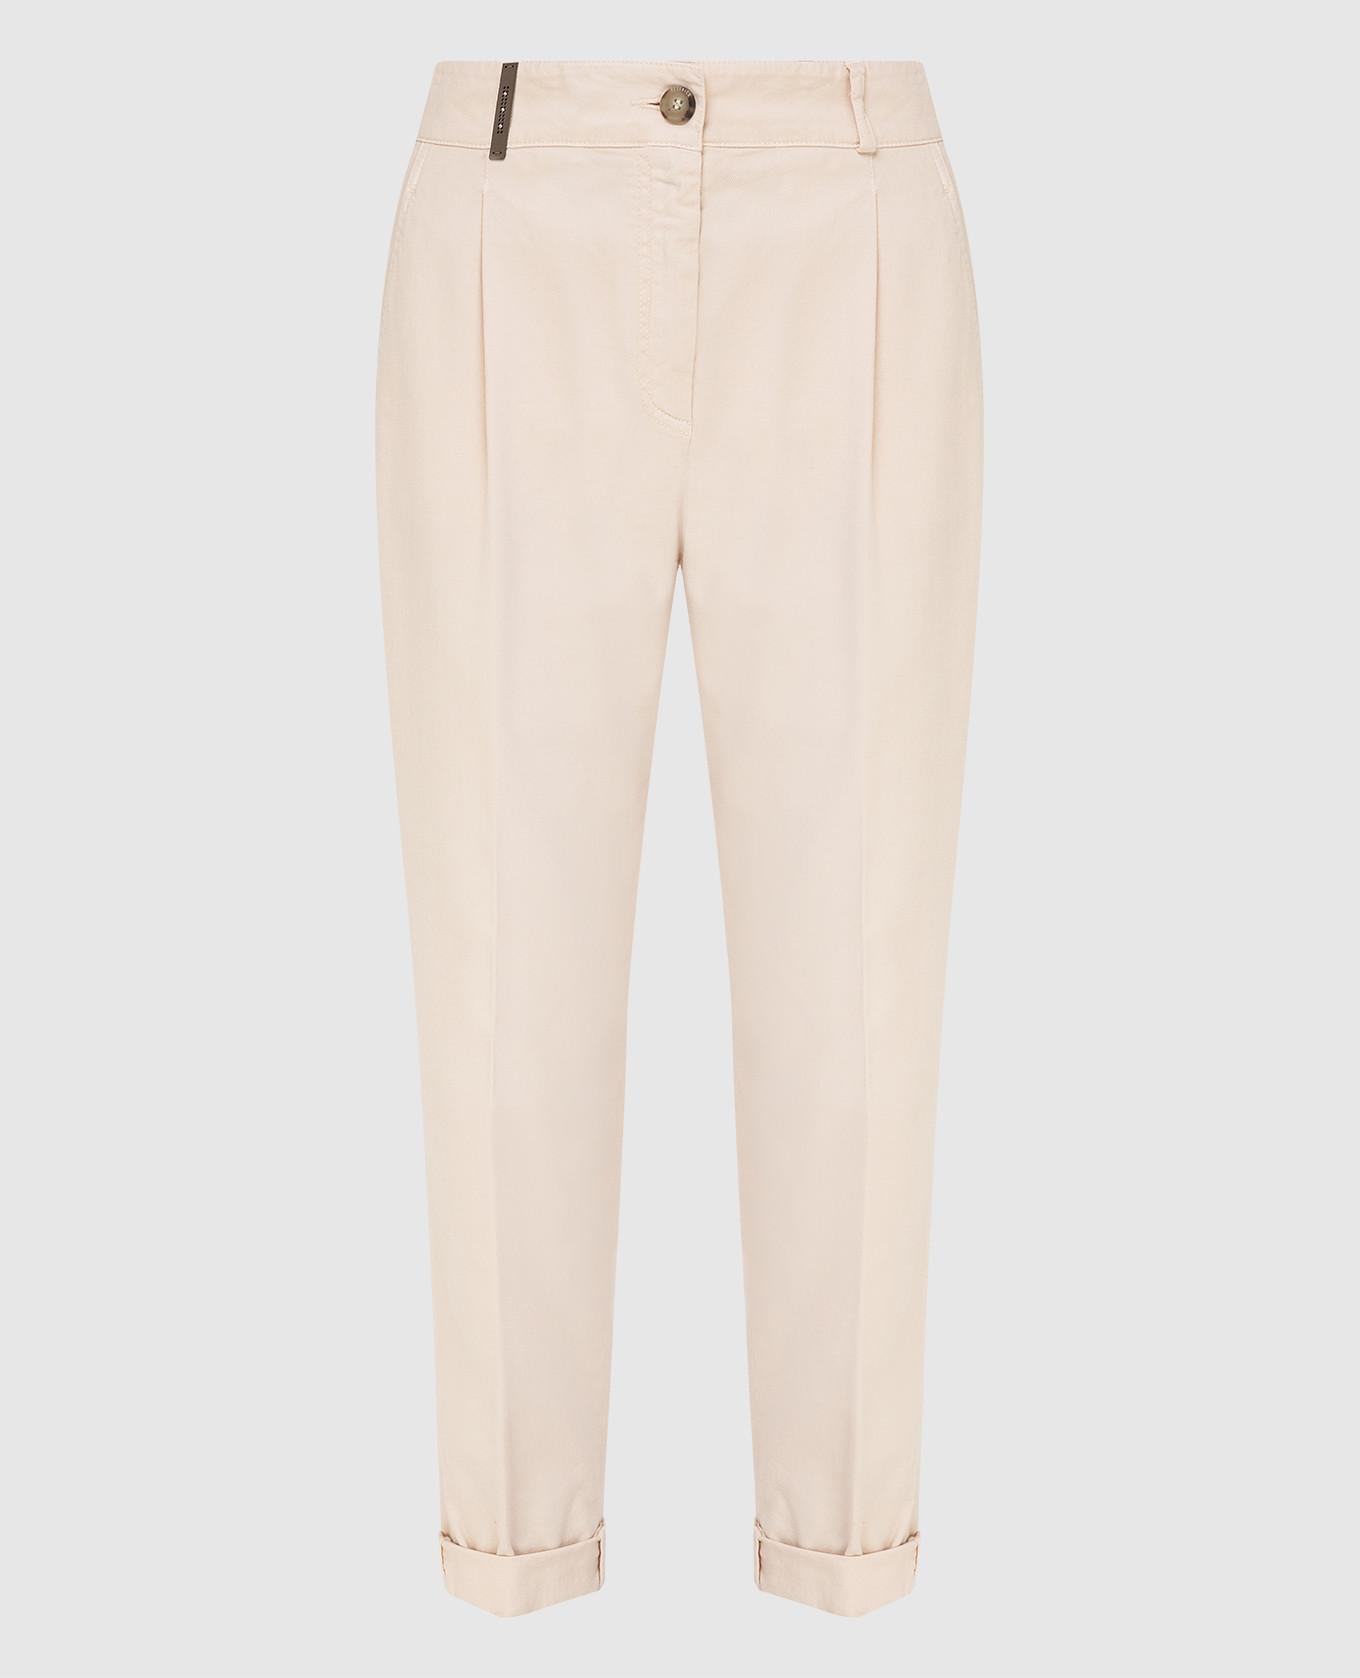 Светло-бежевые брюки Peserico, Светло-бежевый, Укороченные брюки